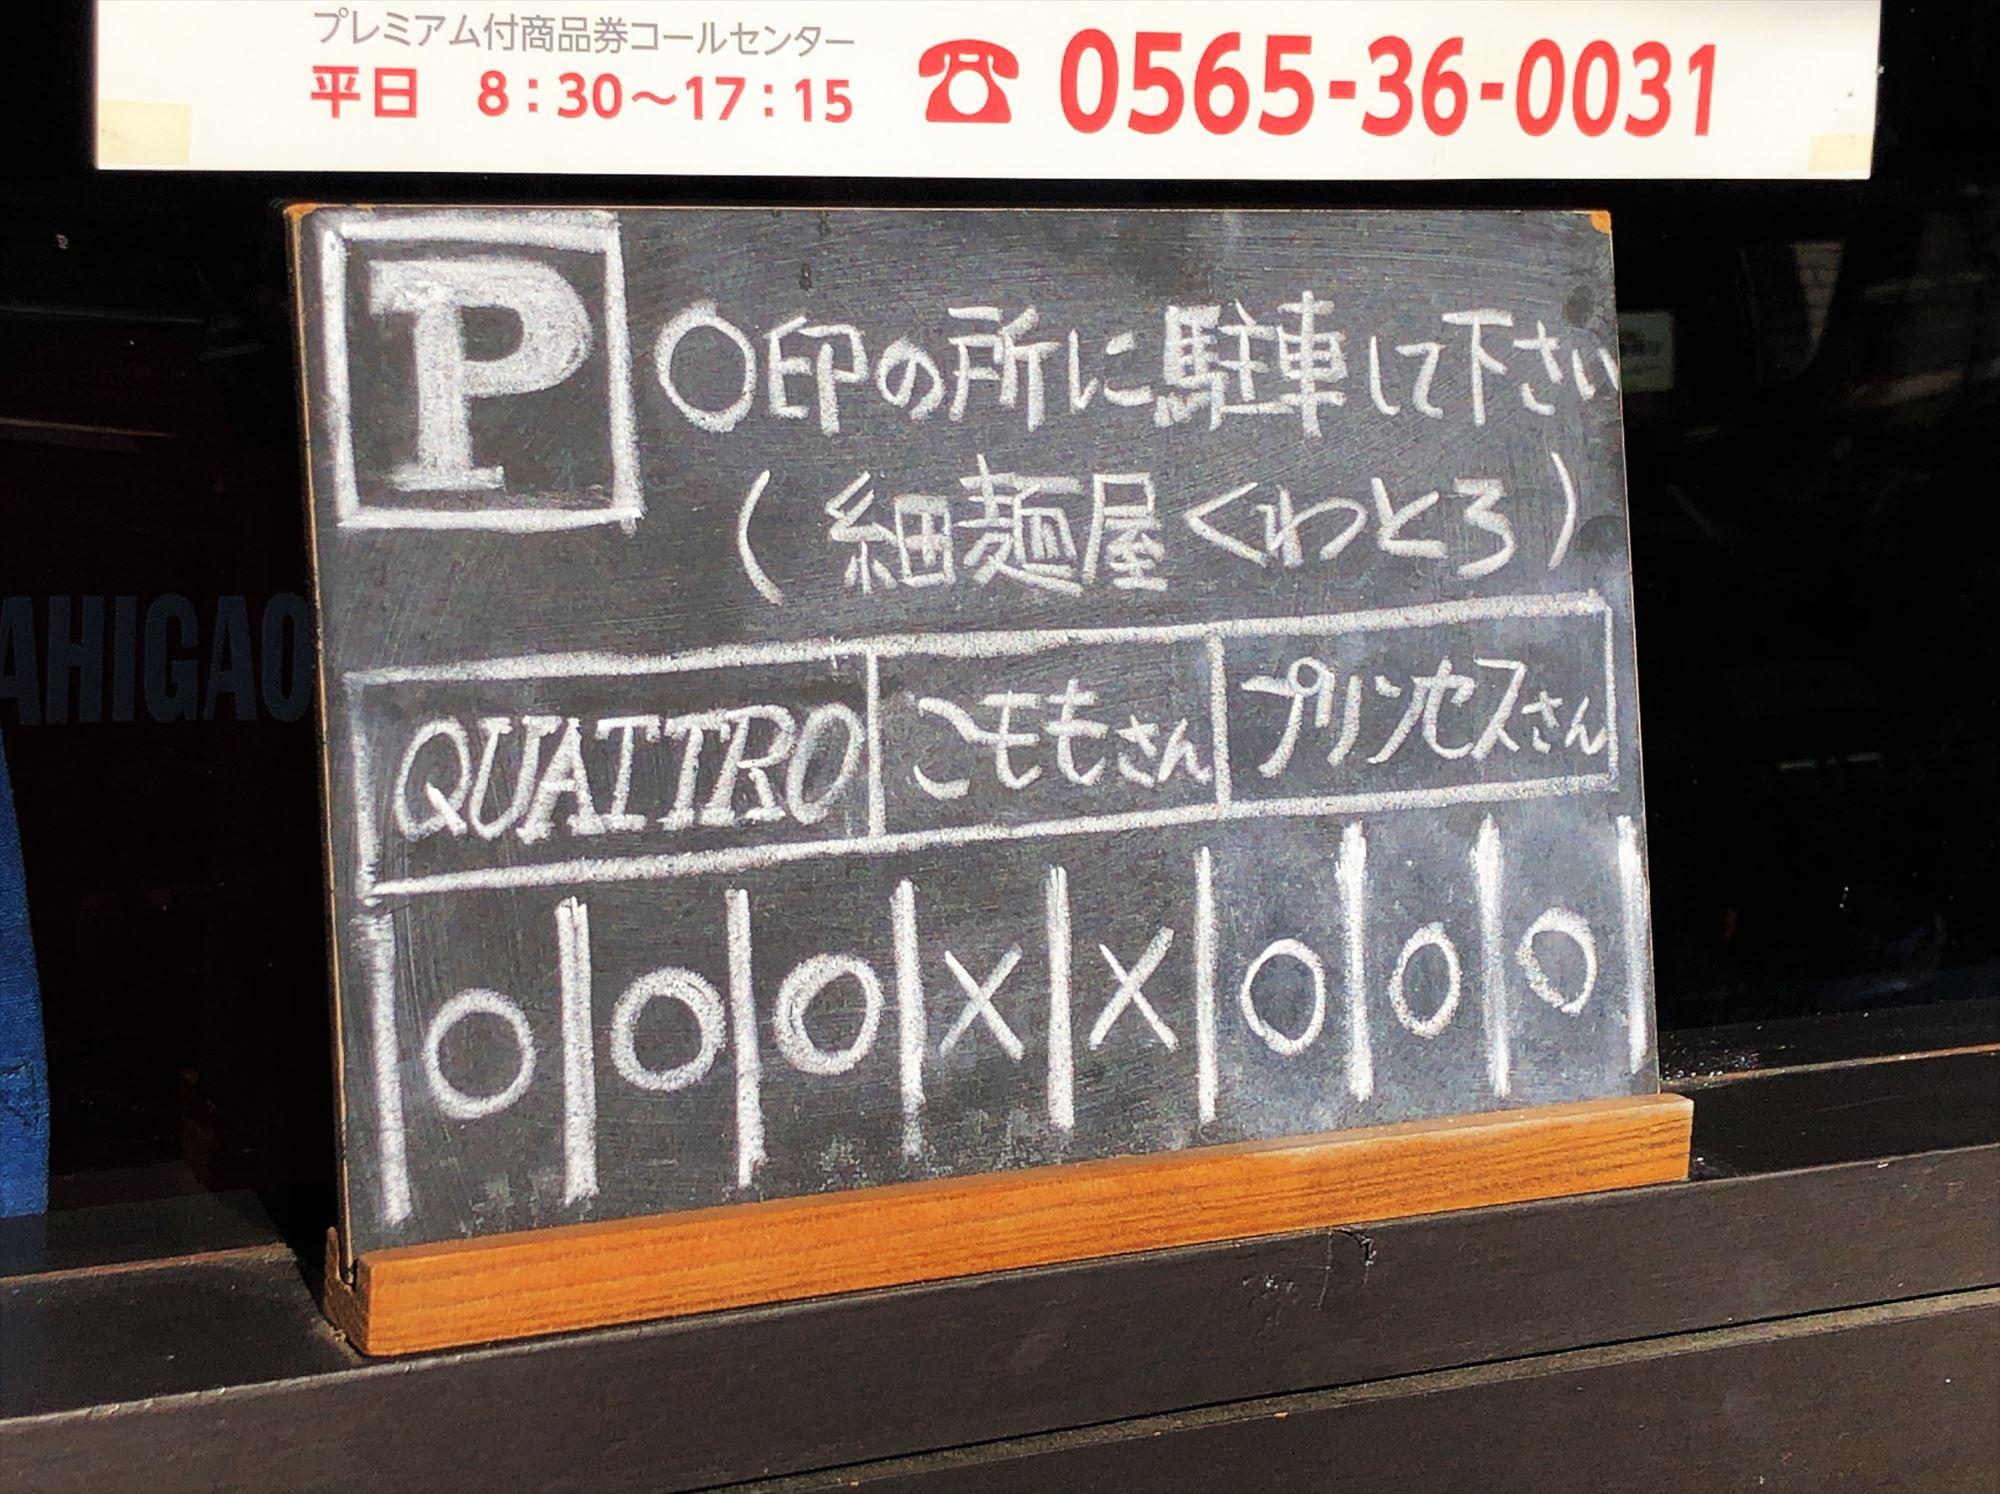 細麺屋 くわとろの外観の駐車場案内